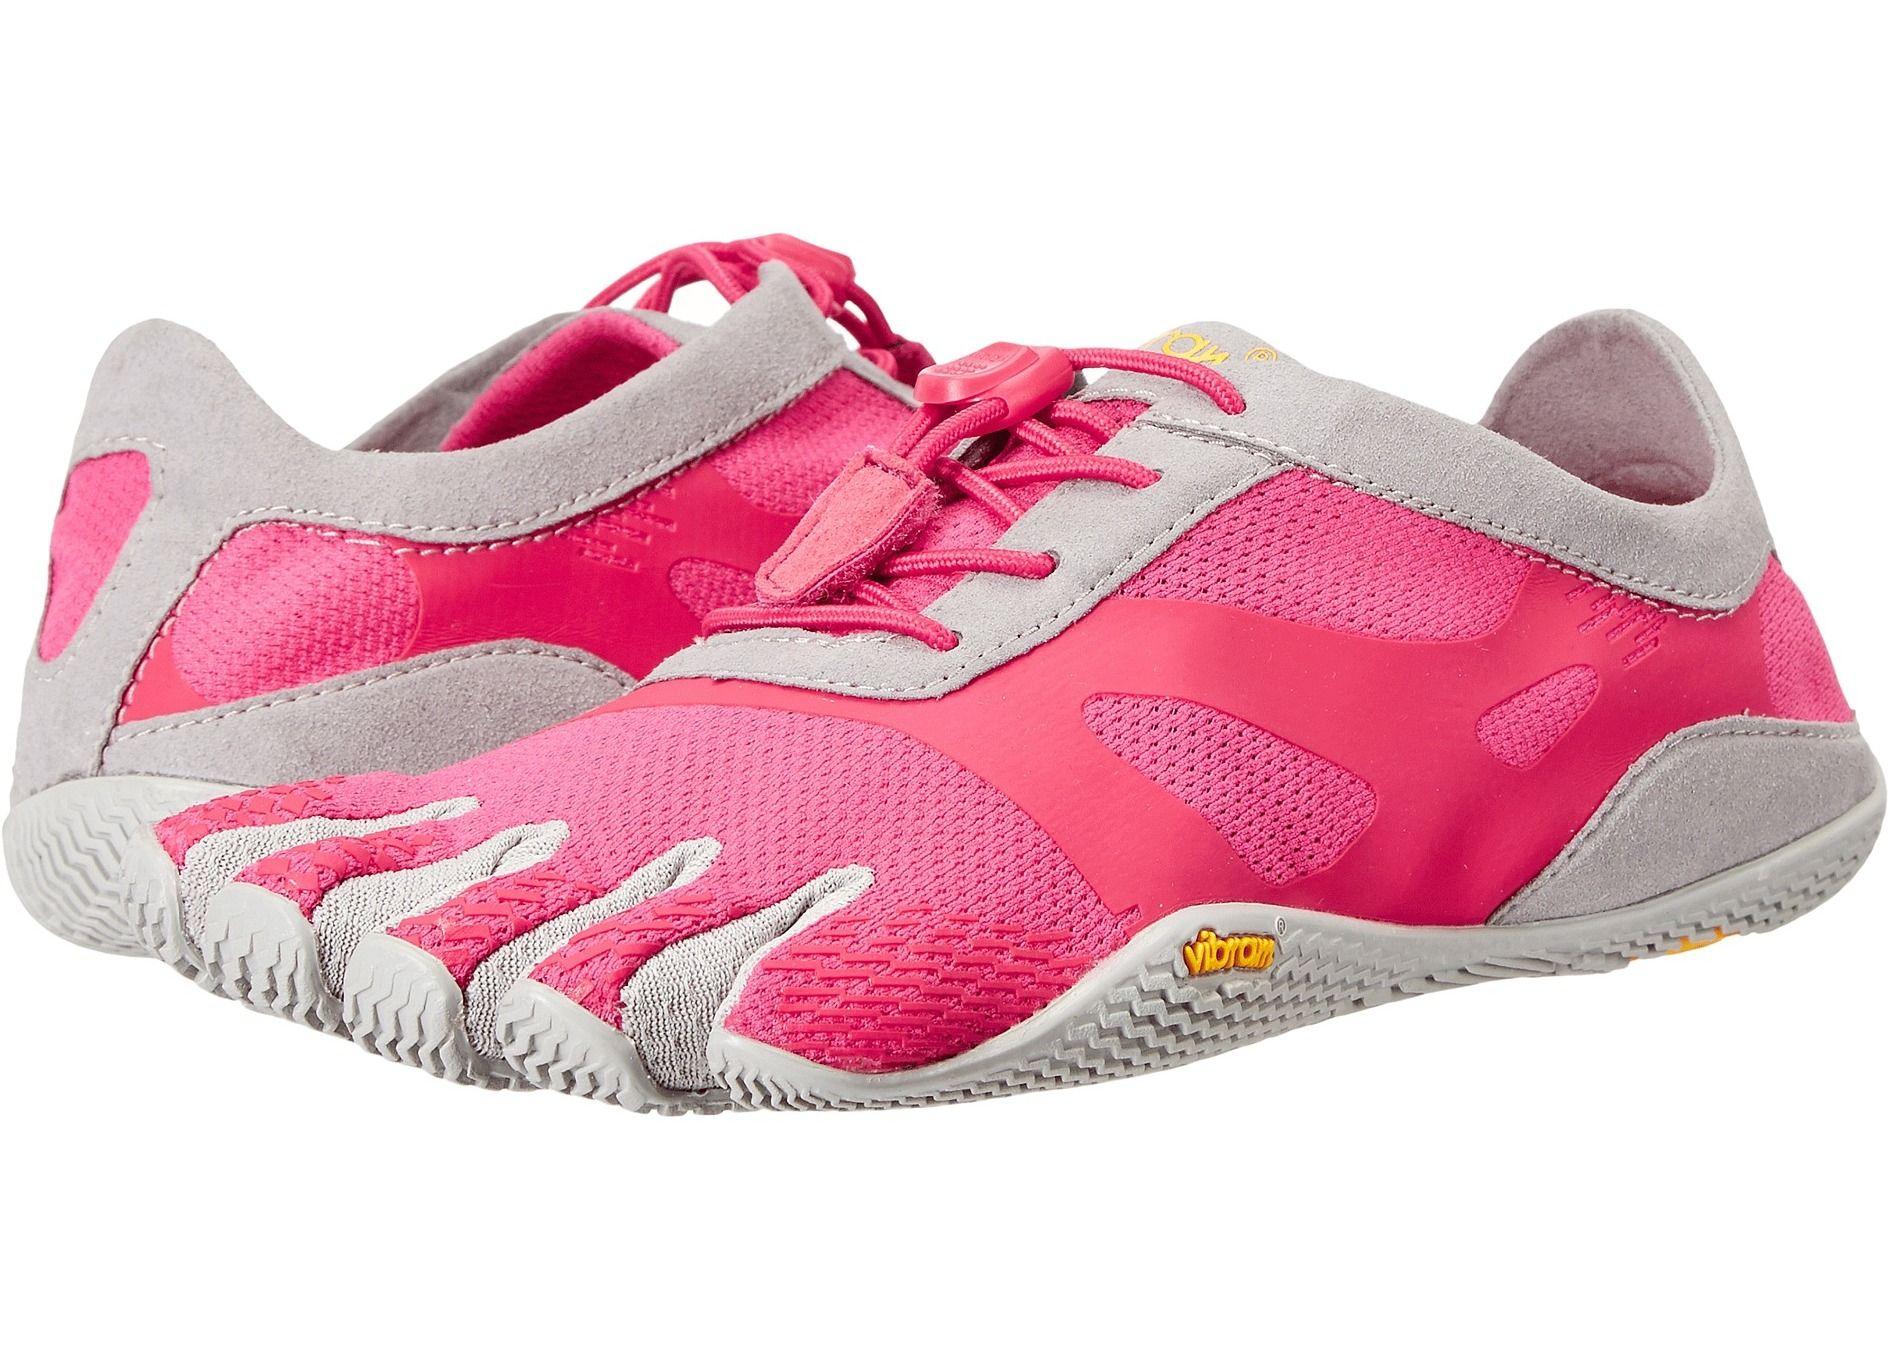 cel mai iubit selecție uimitoare informatii pentru Tenisi & Adidasi Dama Vibram FiveFingers KSO EVO Pink/Grey in ...